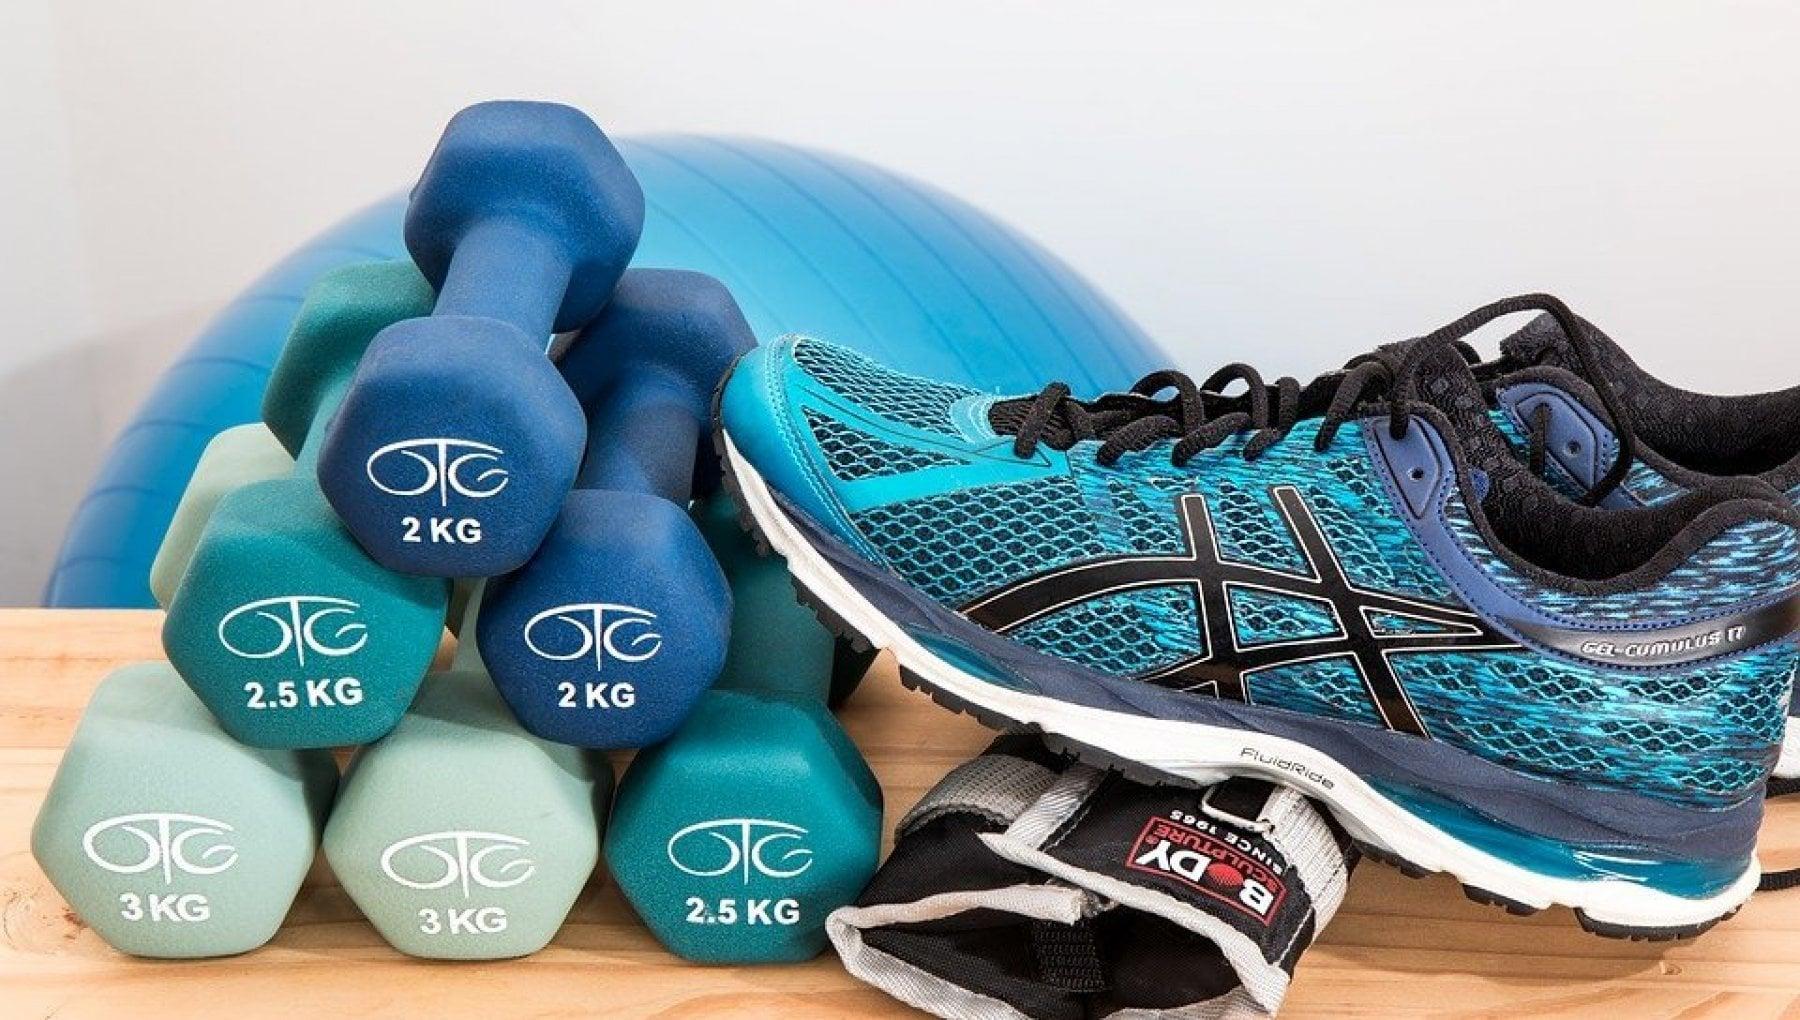 Lockdown per stare bene bisogna fare attivita fisica per 150 minuti alla settimana